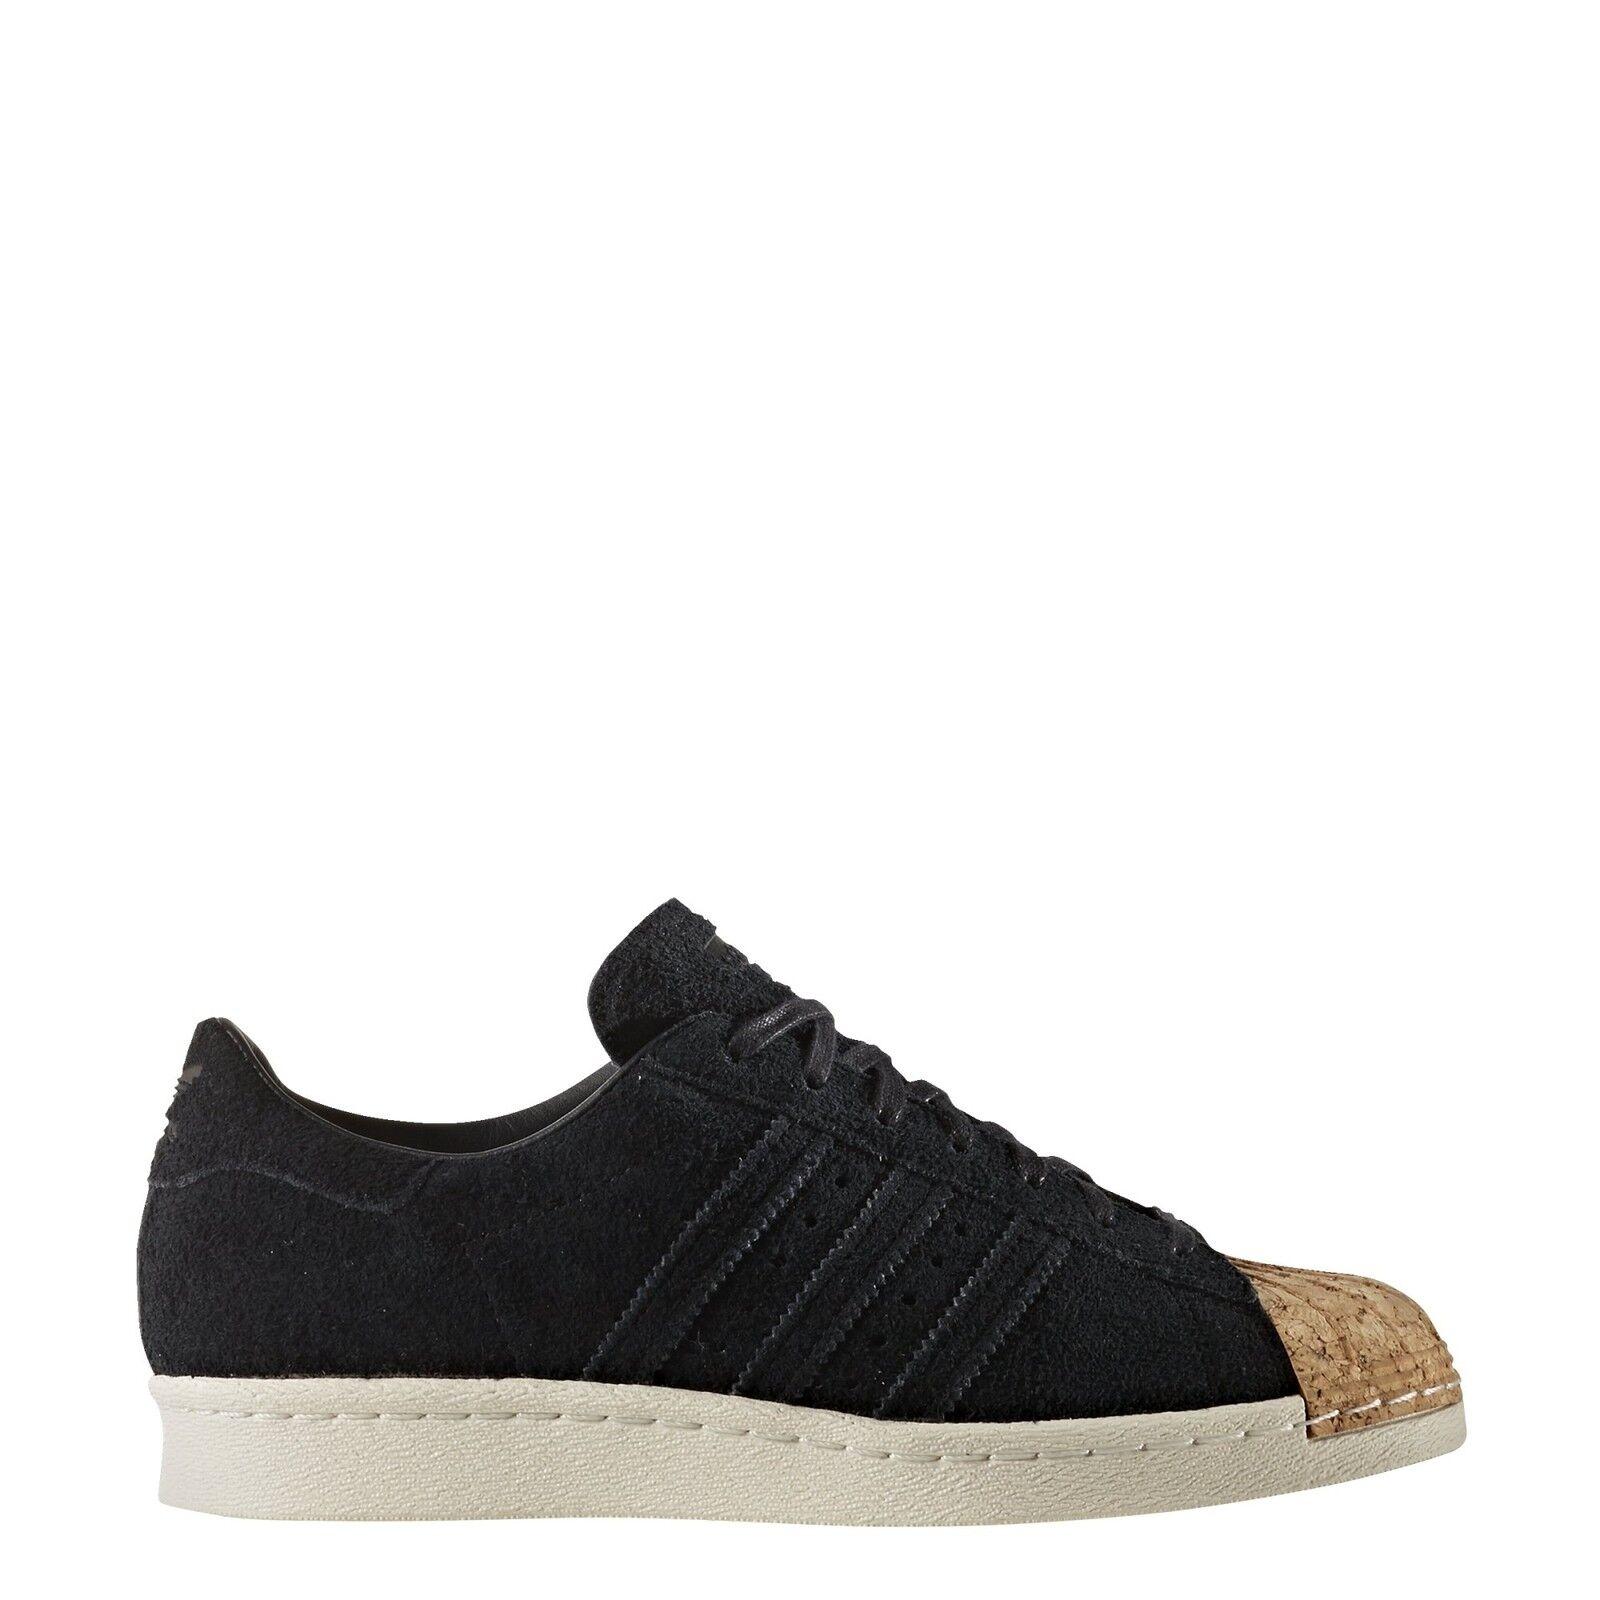 Zapatos promocionales para hombres y mujeres BY2963_Zapatillas adidas – Superstar 80s Cork W negro/negro/blanco_2016_Mujer_An